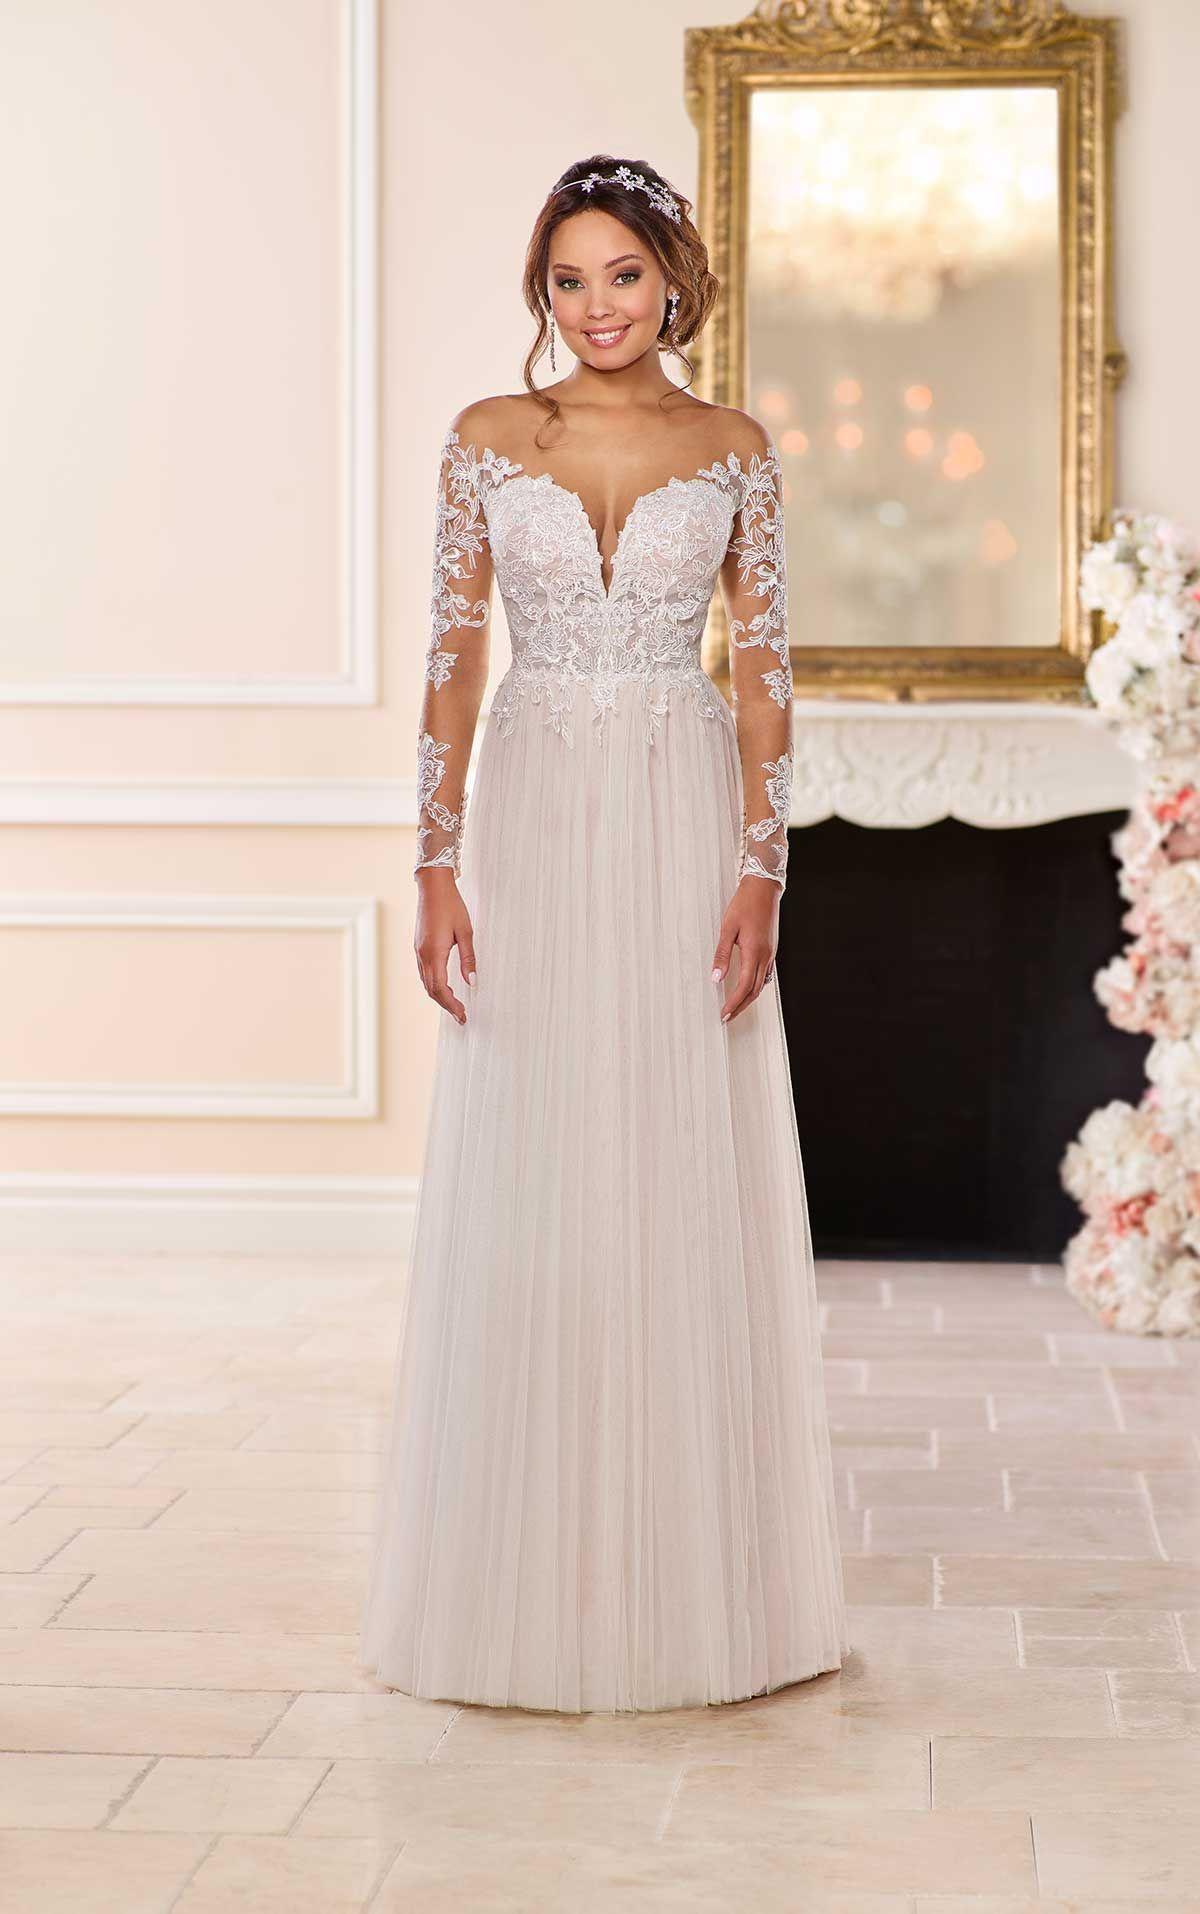 Bold and boho lace wedding dress weddings pinterest wedding